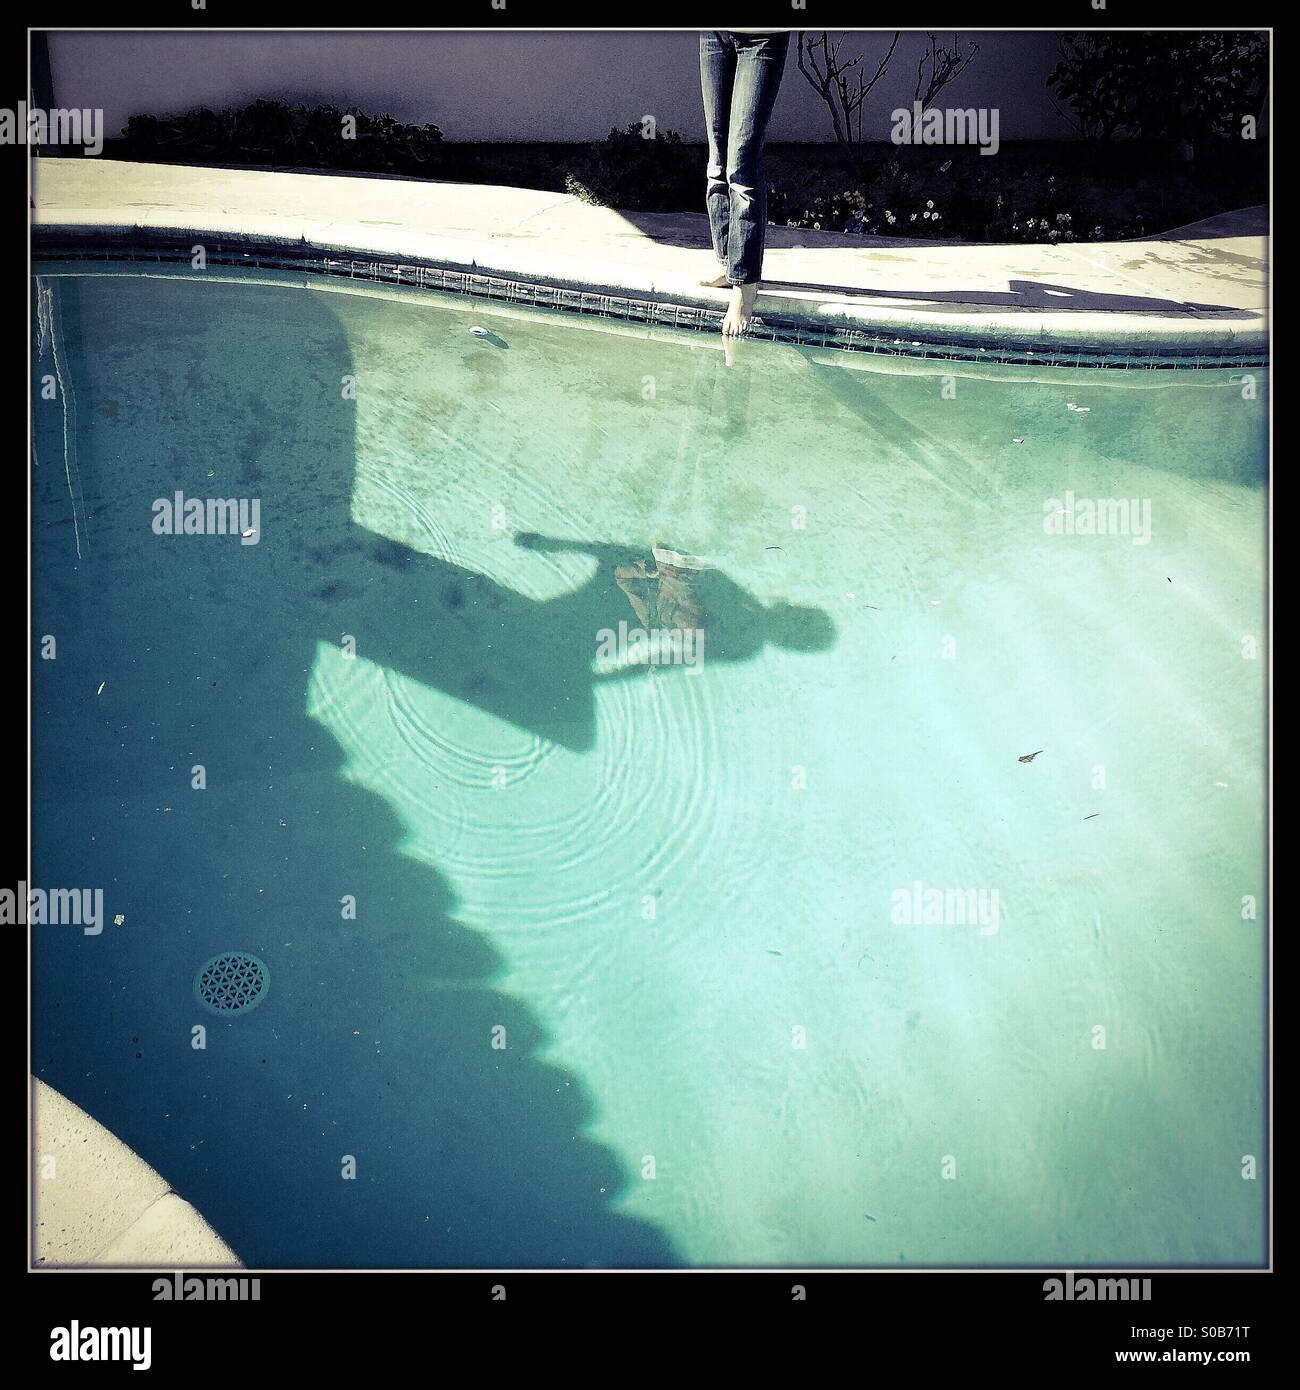 Un ombra sul fondo di una piscina di una persona che si tuffano da un trampolino. Immagini Stock